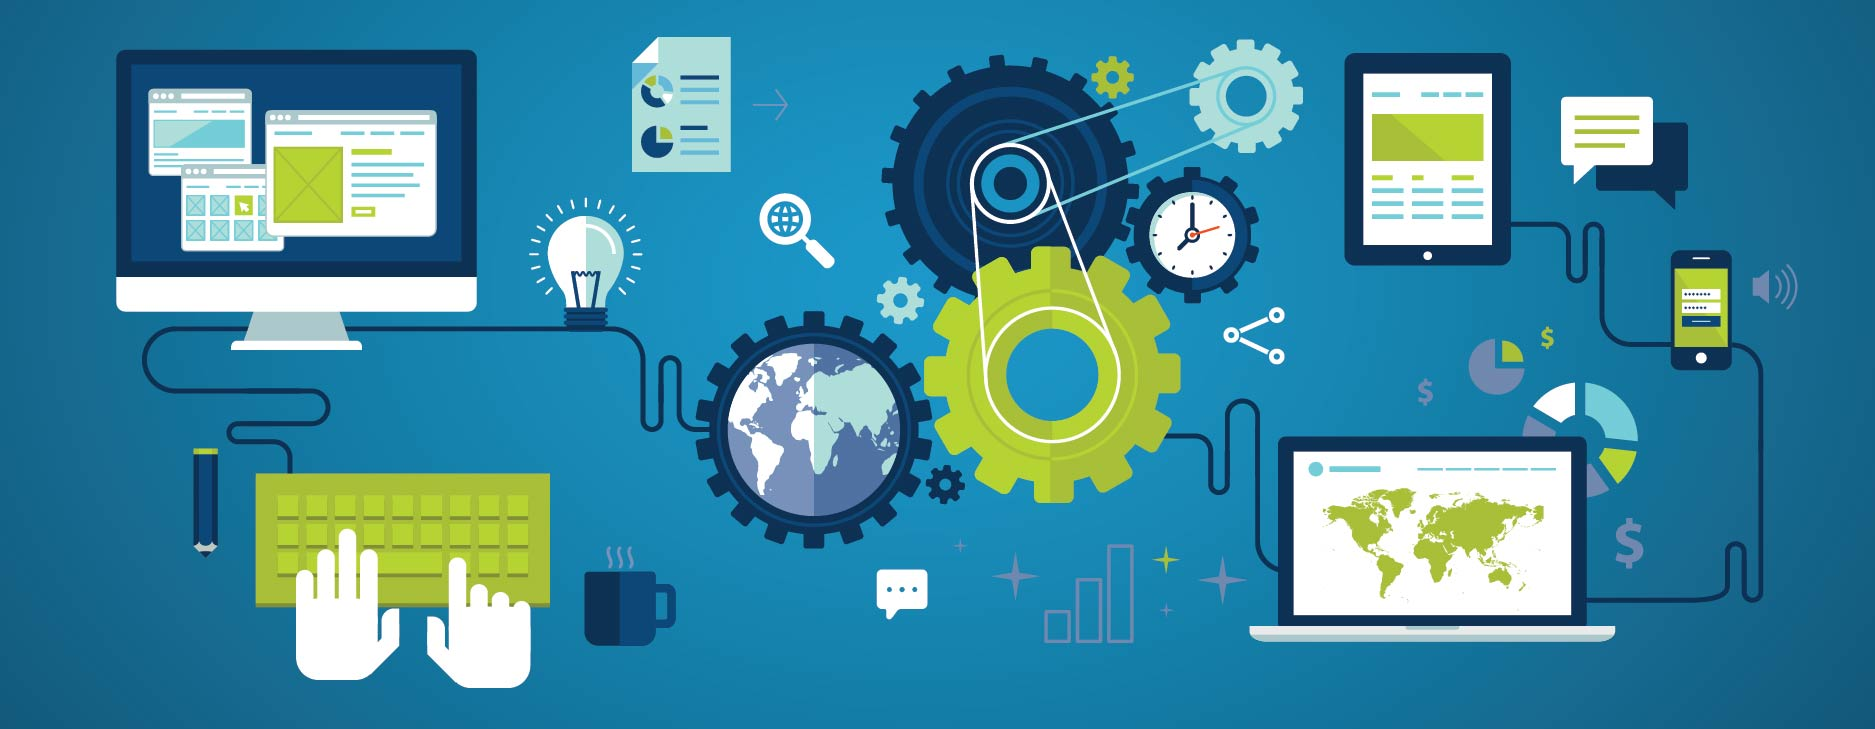 Hire digital marketing agency